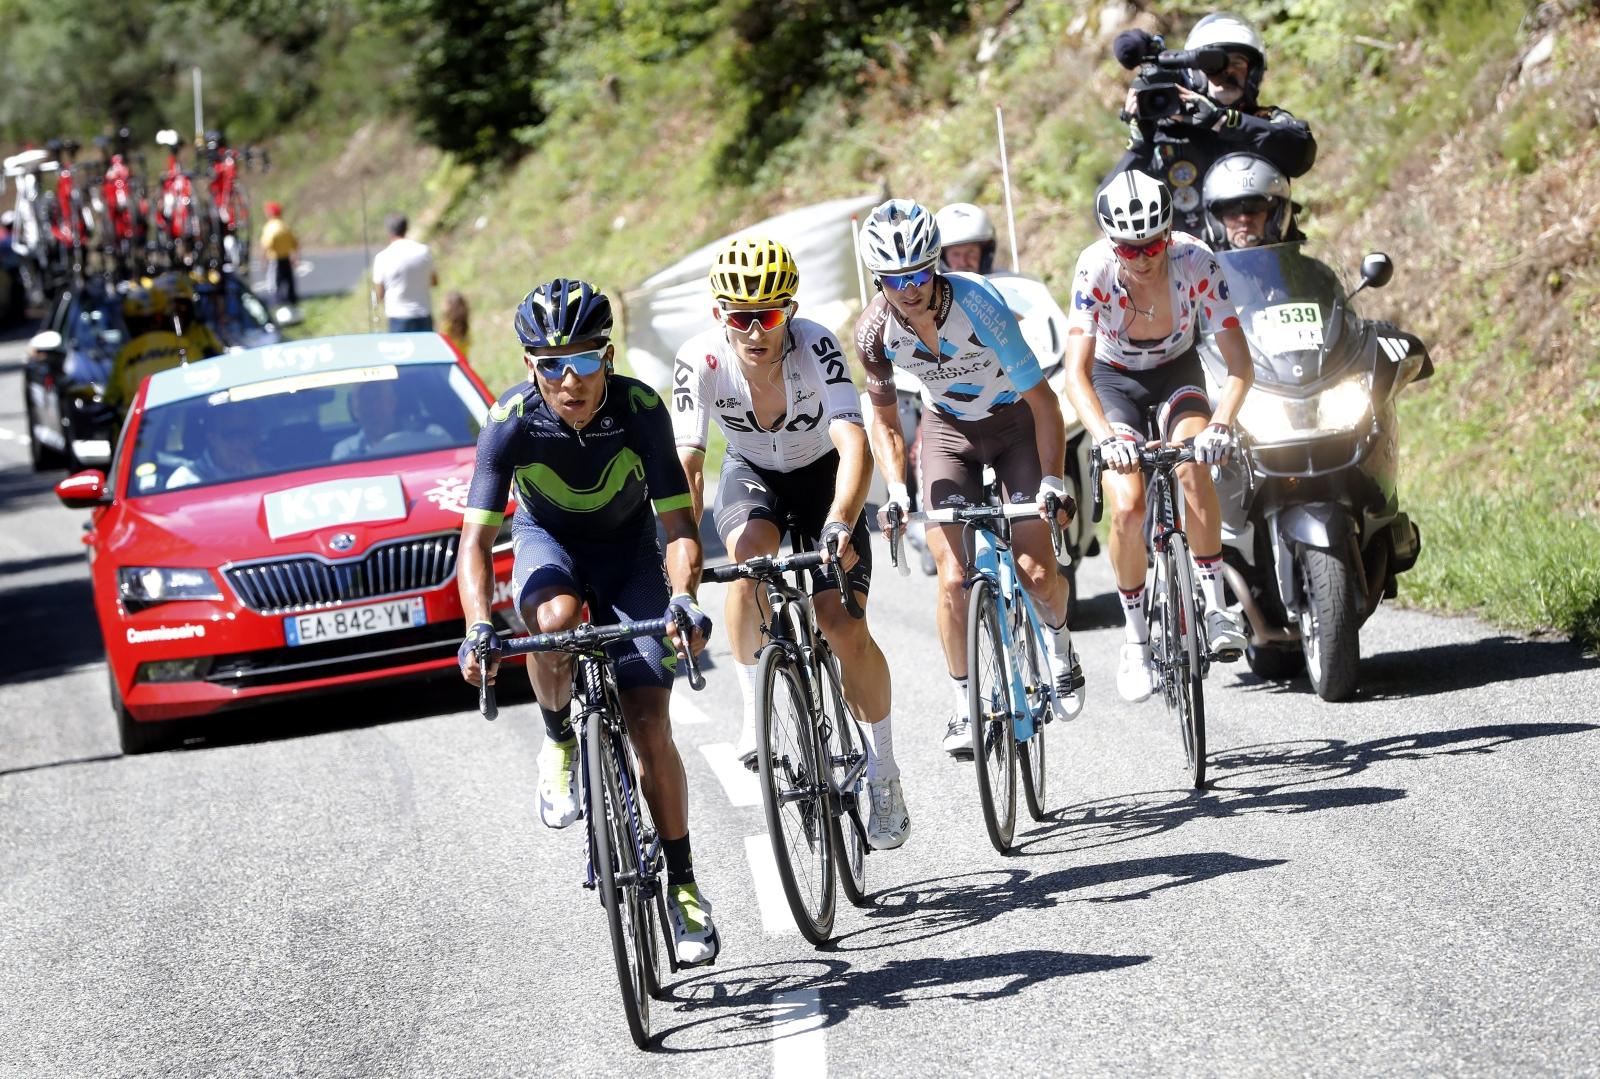 Tour de France 2017. fot. EPA/GUILLAUME HORCAJUELO